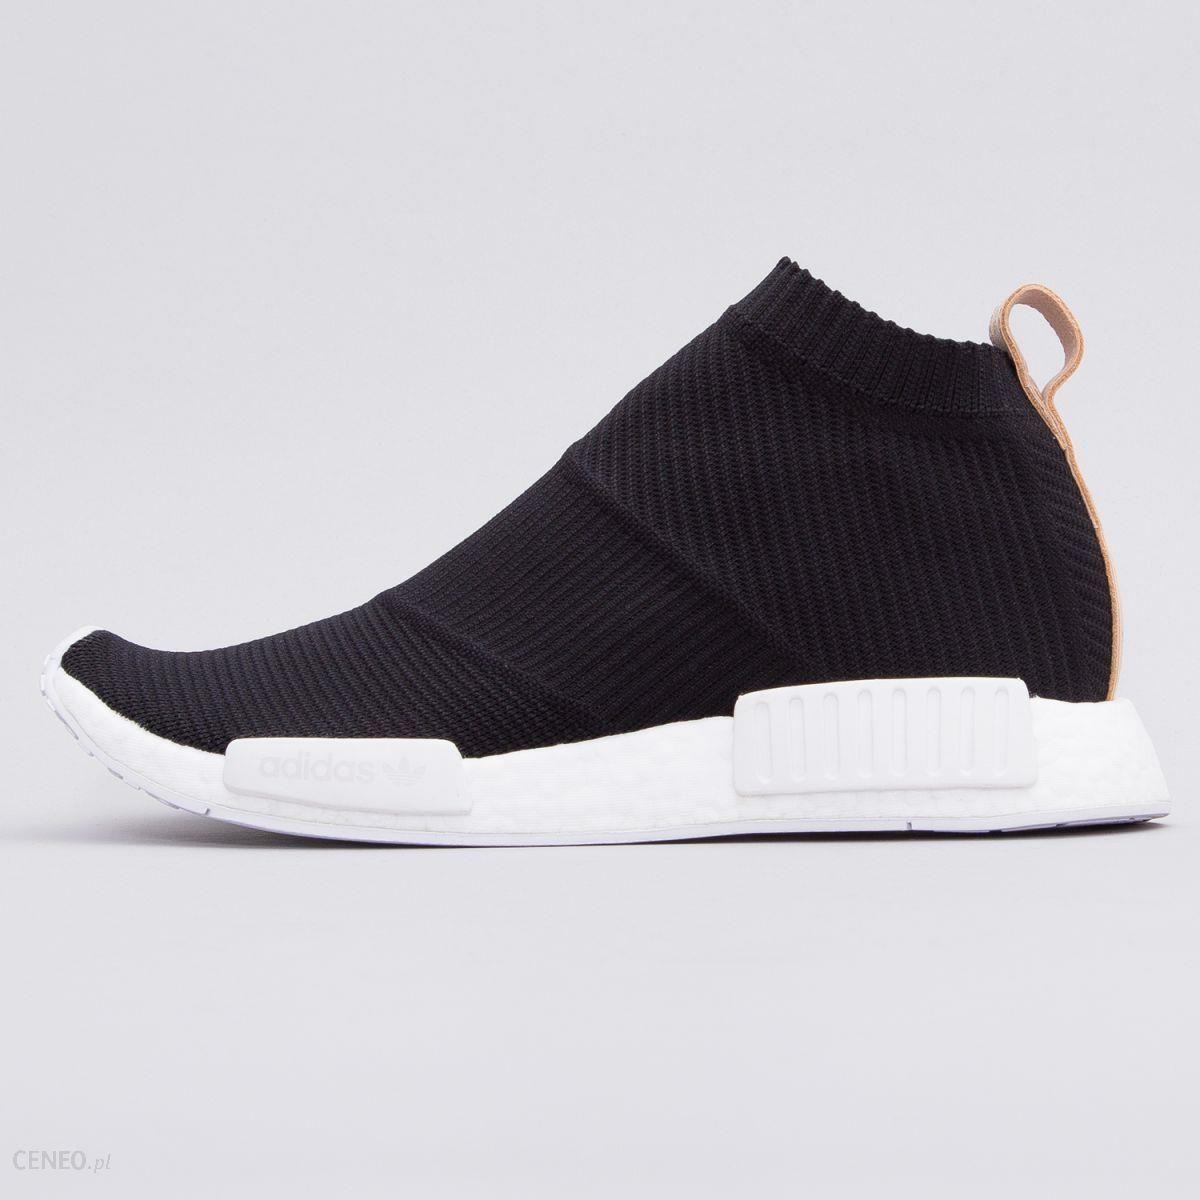 Adidas NMD_CS1 PRIMEKNIT AQ0948 Ceny i opinie Ceneo.pl